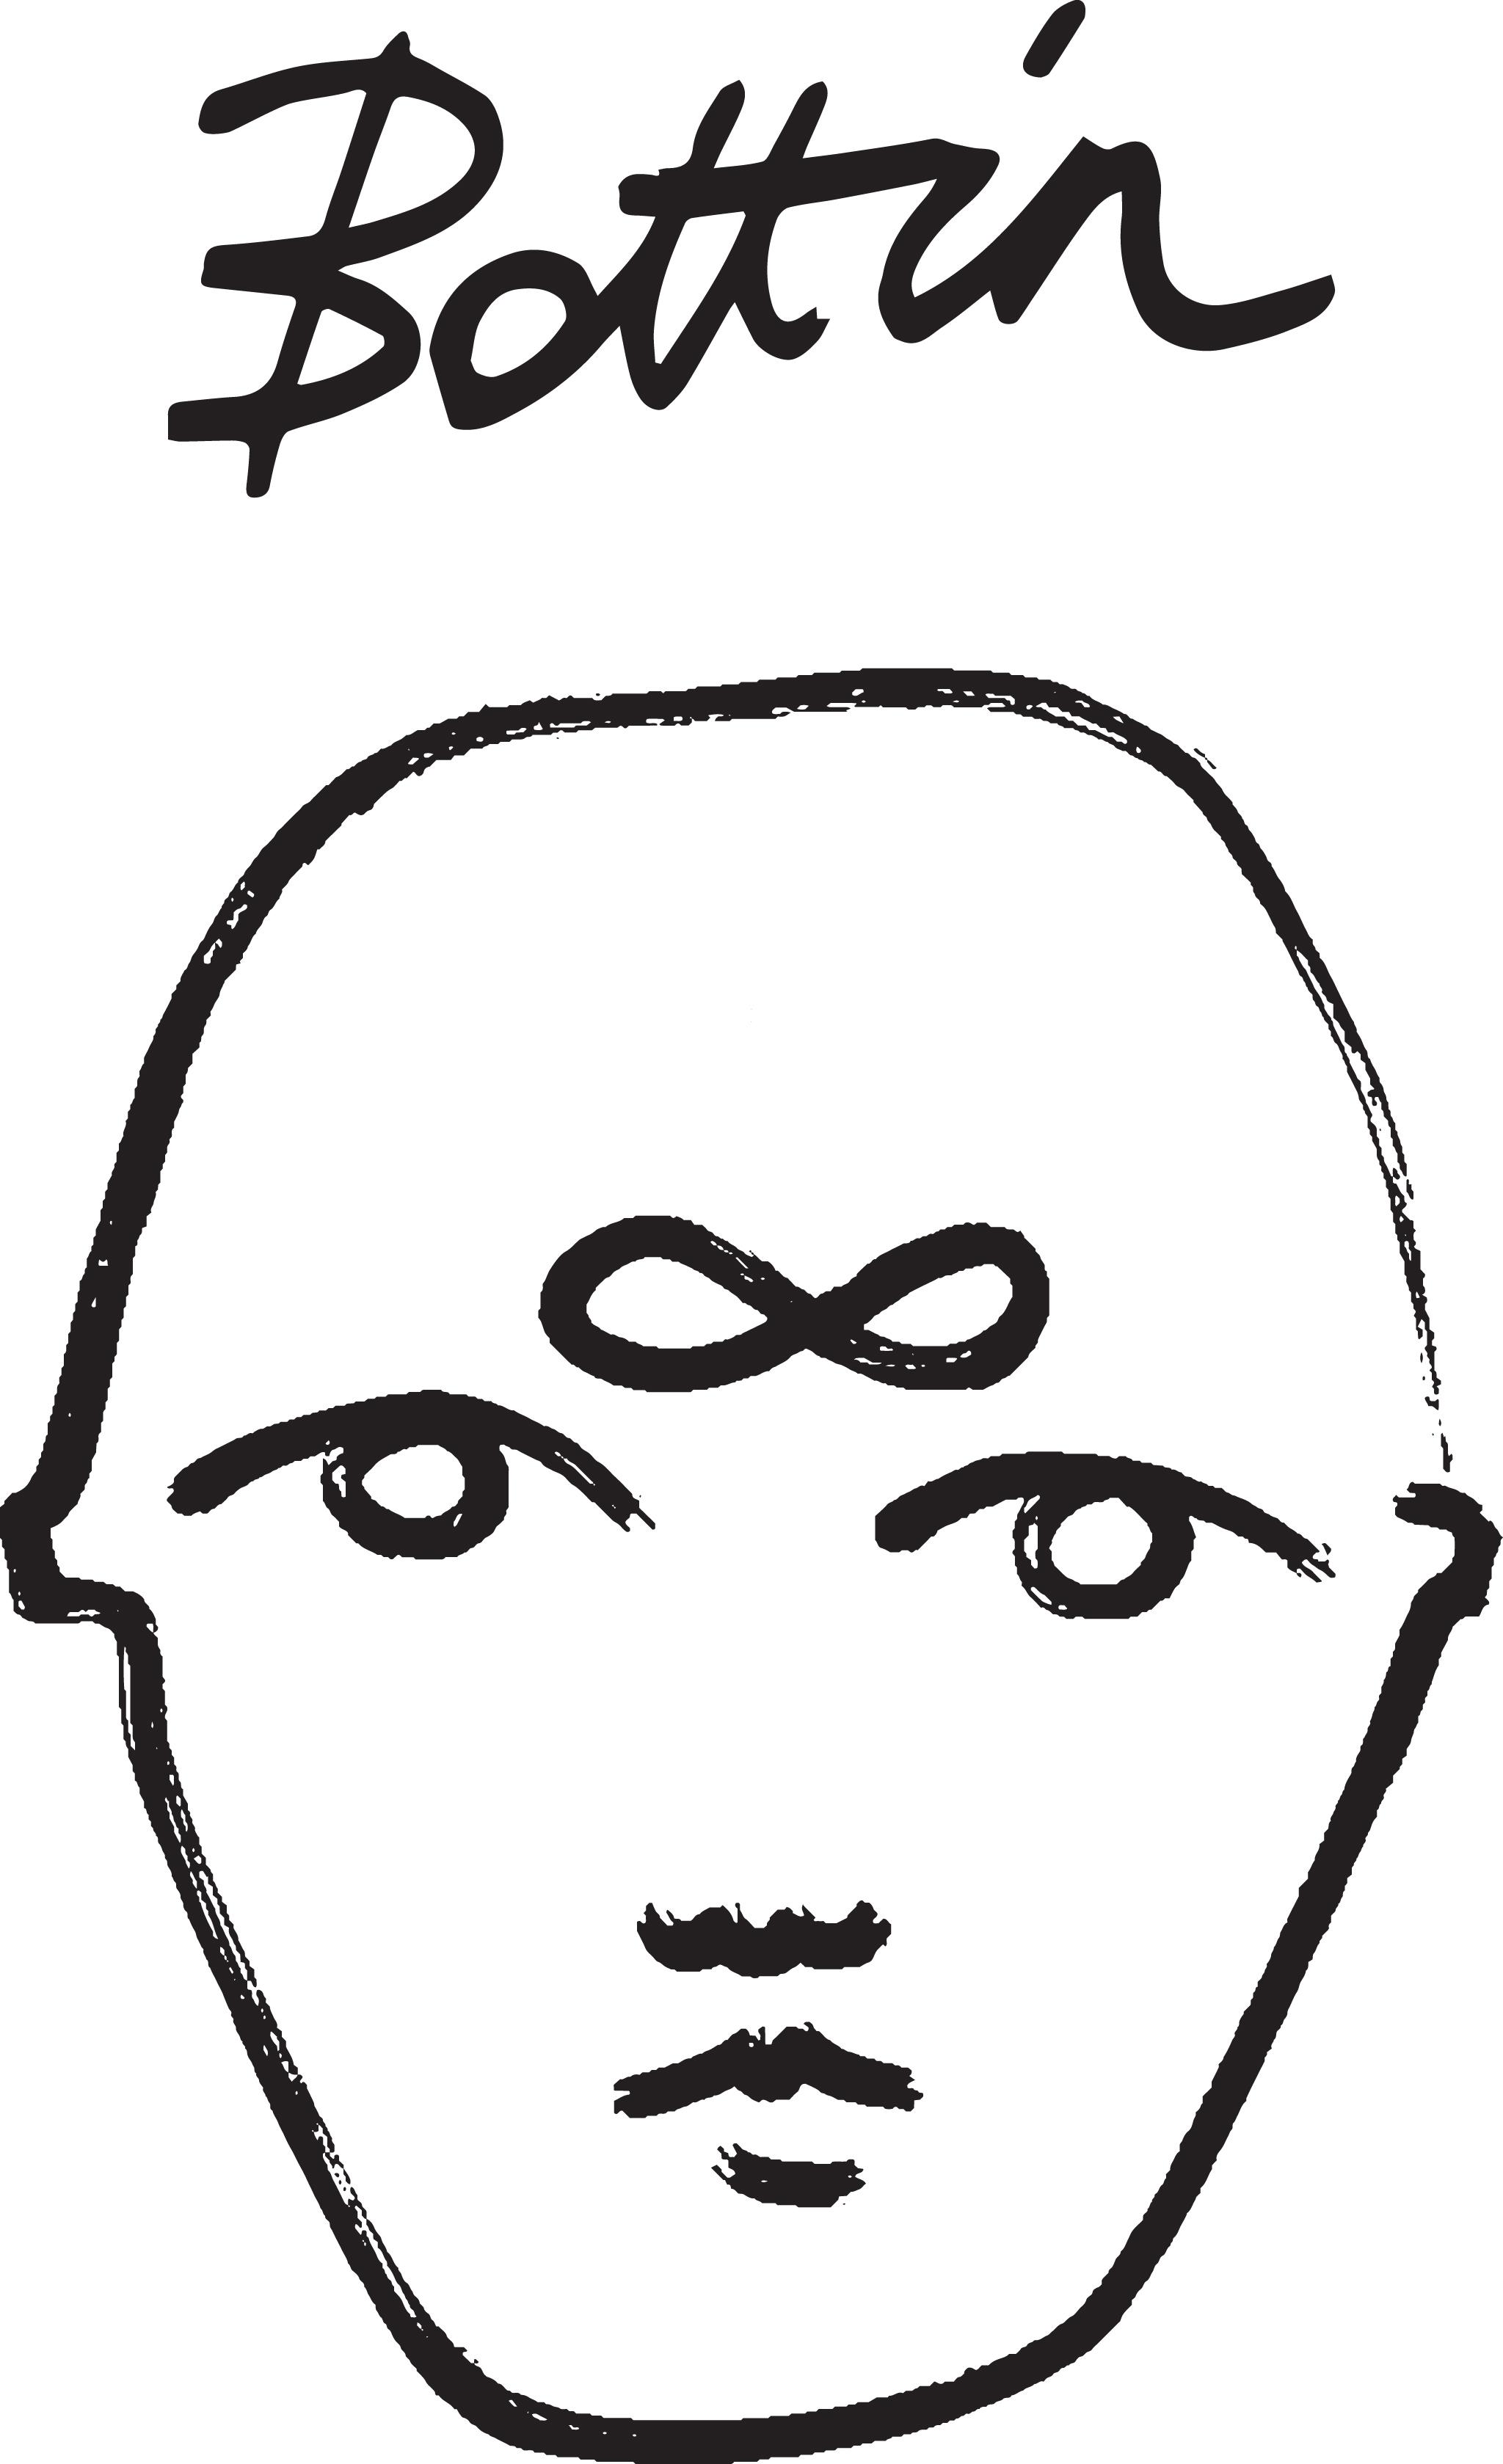 Bottin logo & head image